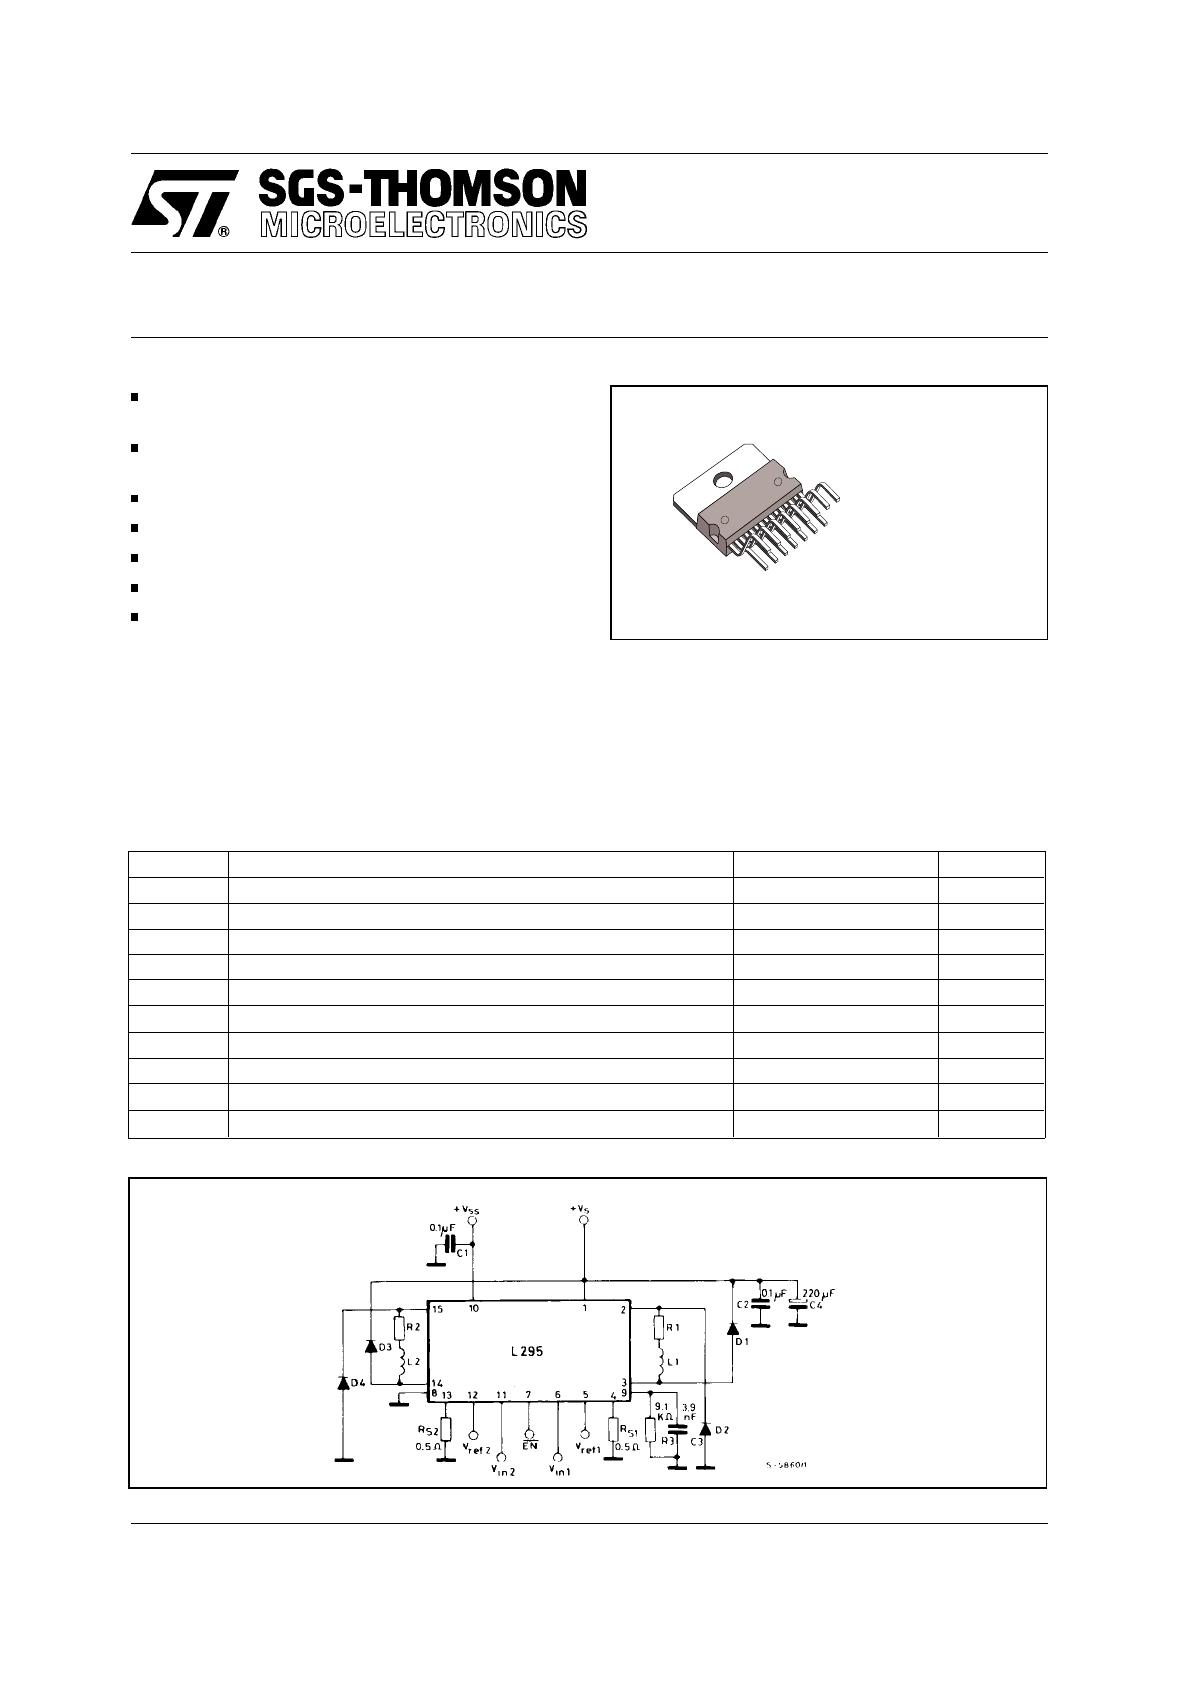 L295 Datasheet. background image. L295